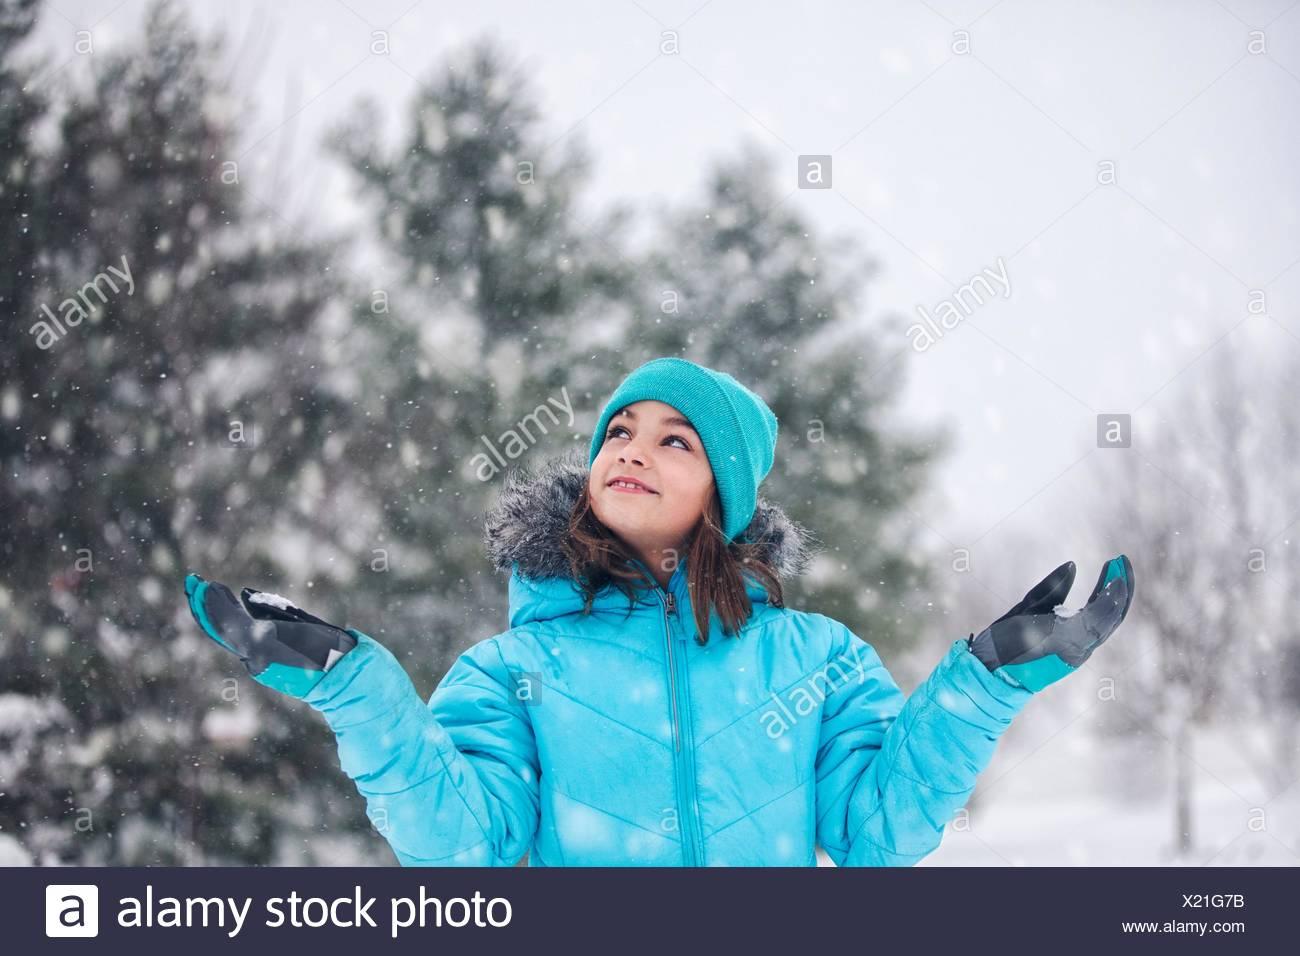 Vestida de turquesa tejer sombrero y abrigo, brazos levantados, manos atrapando nieve, mirando sonriente Foto de stock